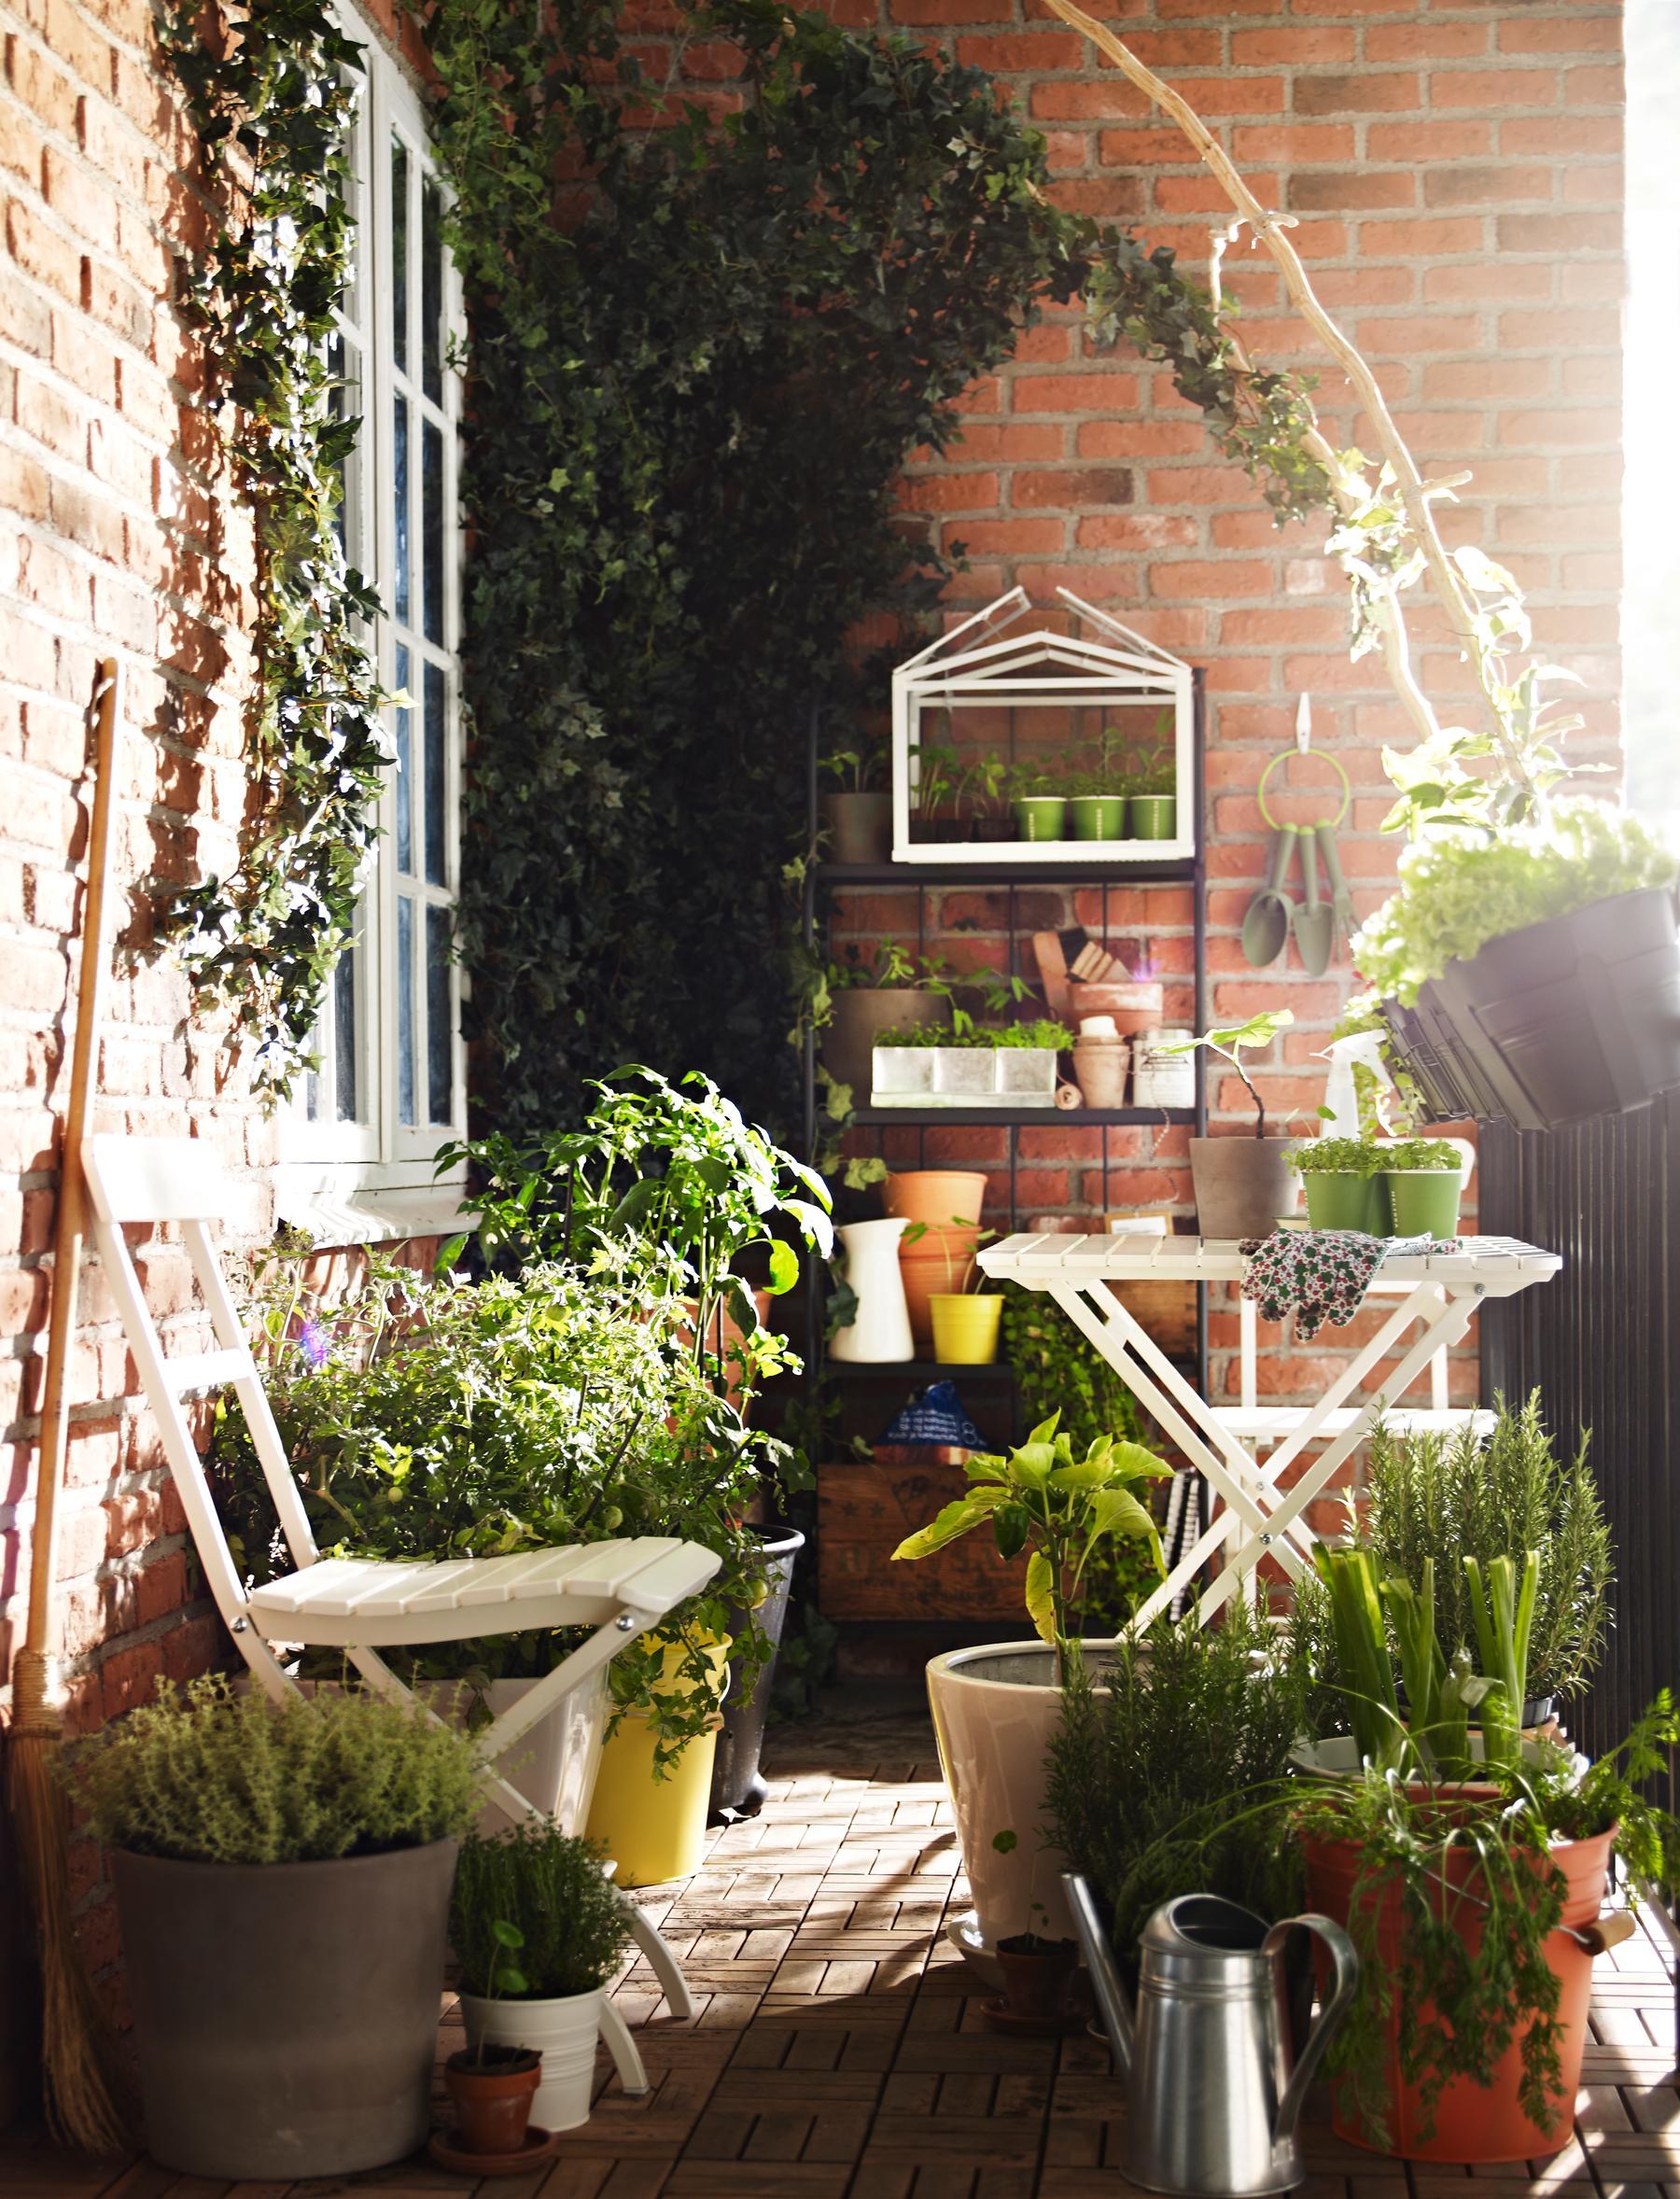 terrassengestaltung • bilder & ideen • couchstyle, Hause deko